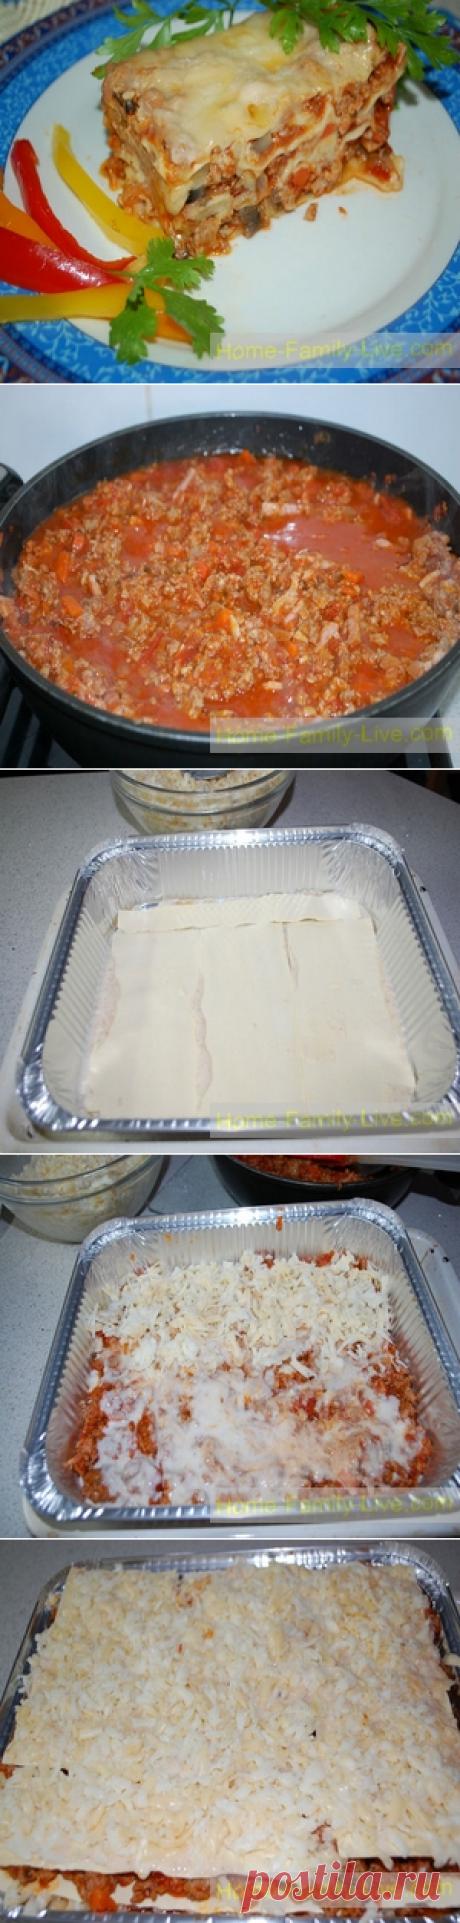 Лазанья/Сайт с пошаговыми рецептами с фото для тех кто любит готовить